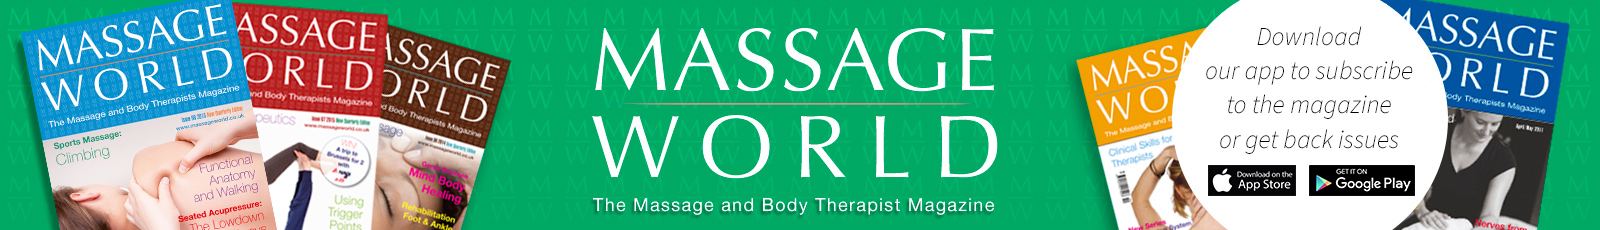 massage world header